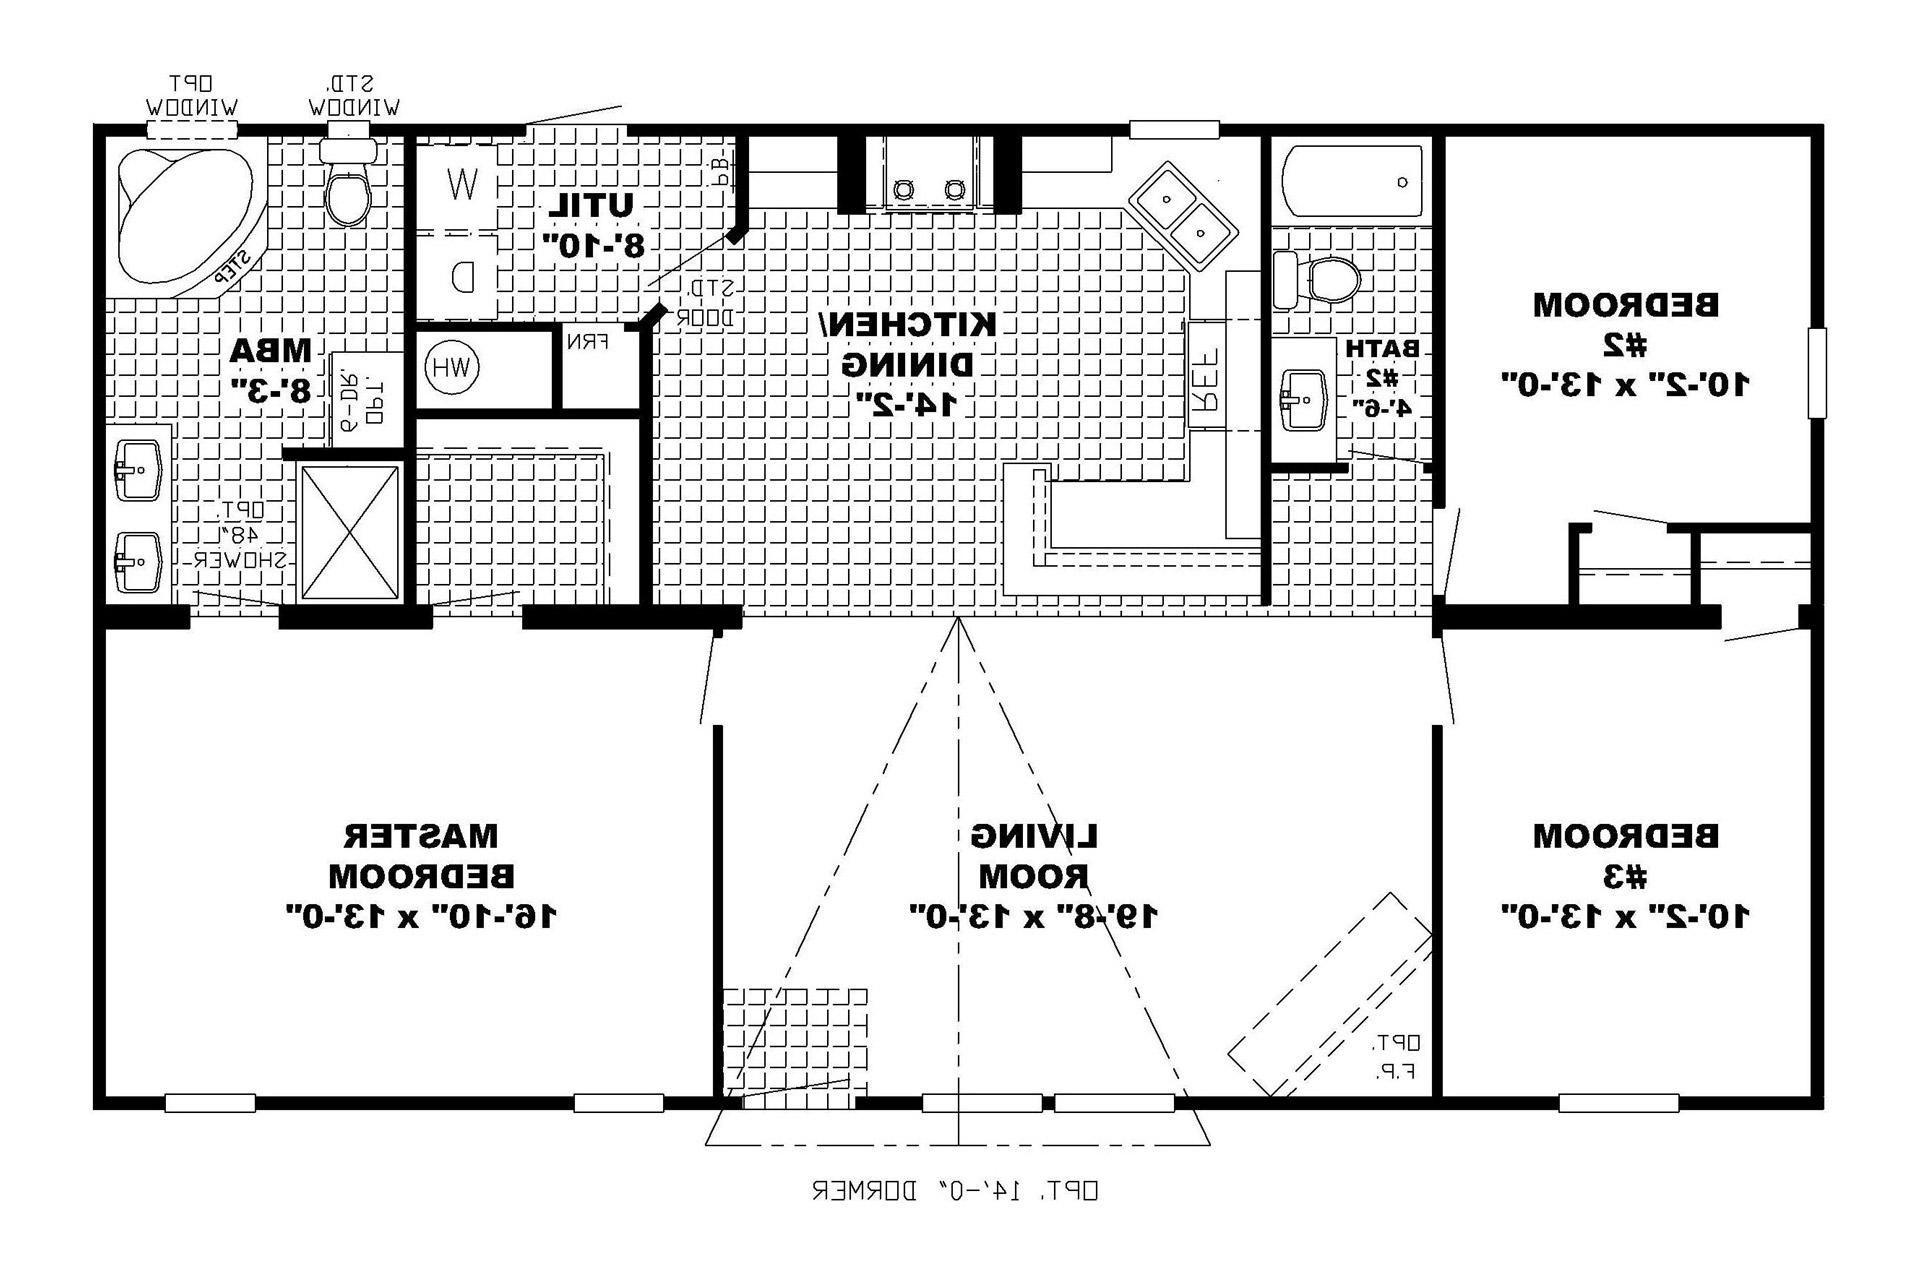 Modern HousePlan 76346 A simple roofline